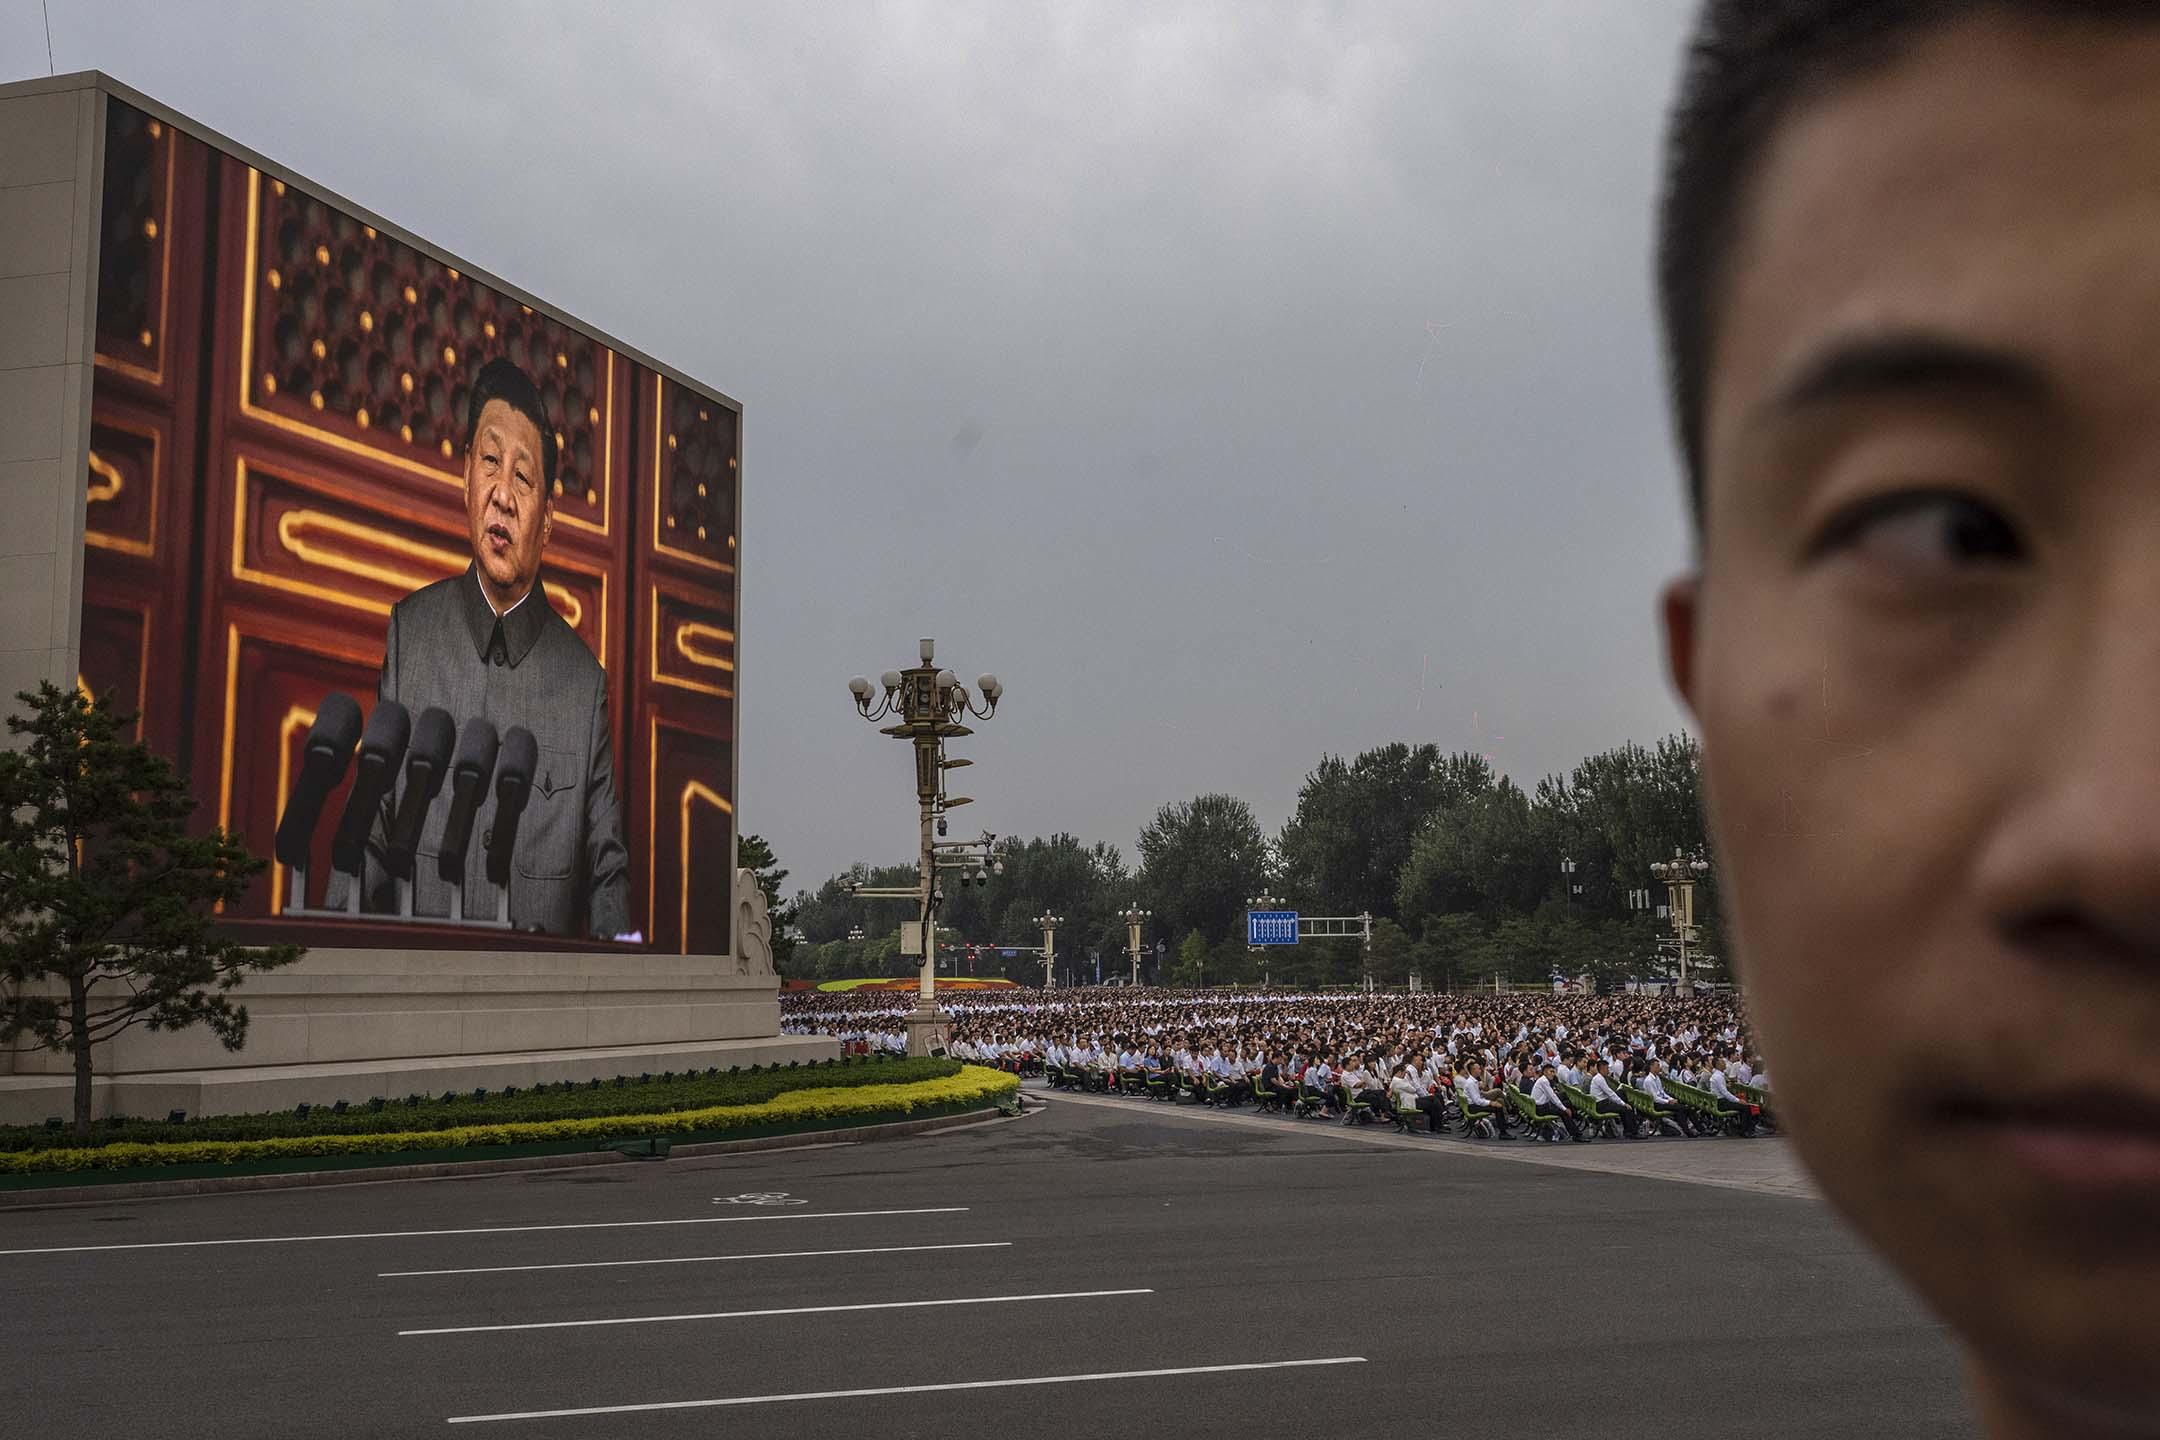 2021年7月1日中國北京,中國國家主席習近平於天安門廣場舉行的慶祝共產黨成立 100 週年的儀式上發表講話。 攝:Kevin Frayer/Getty Images